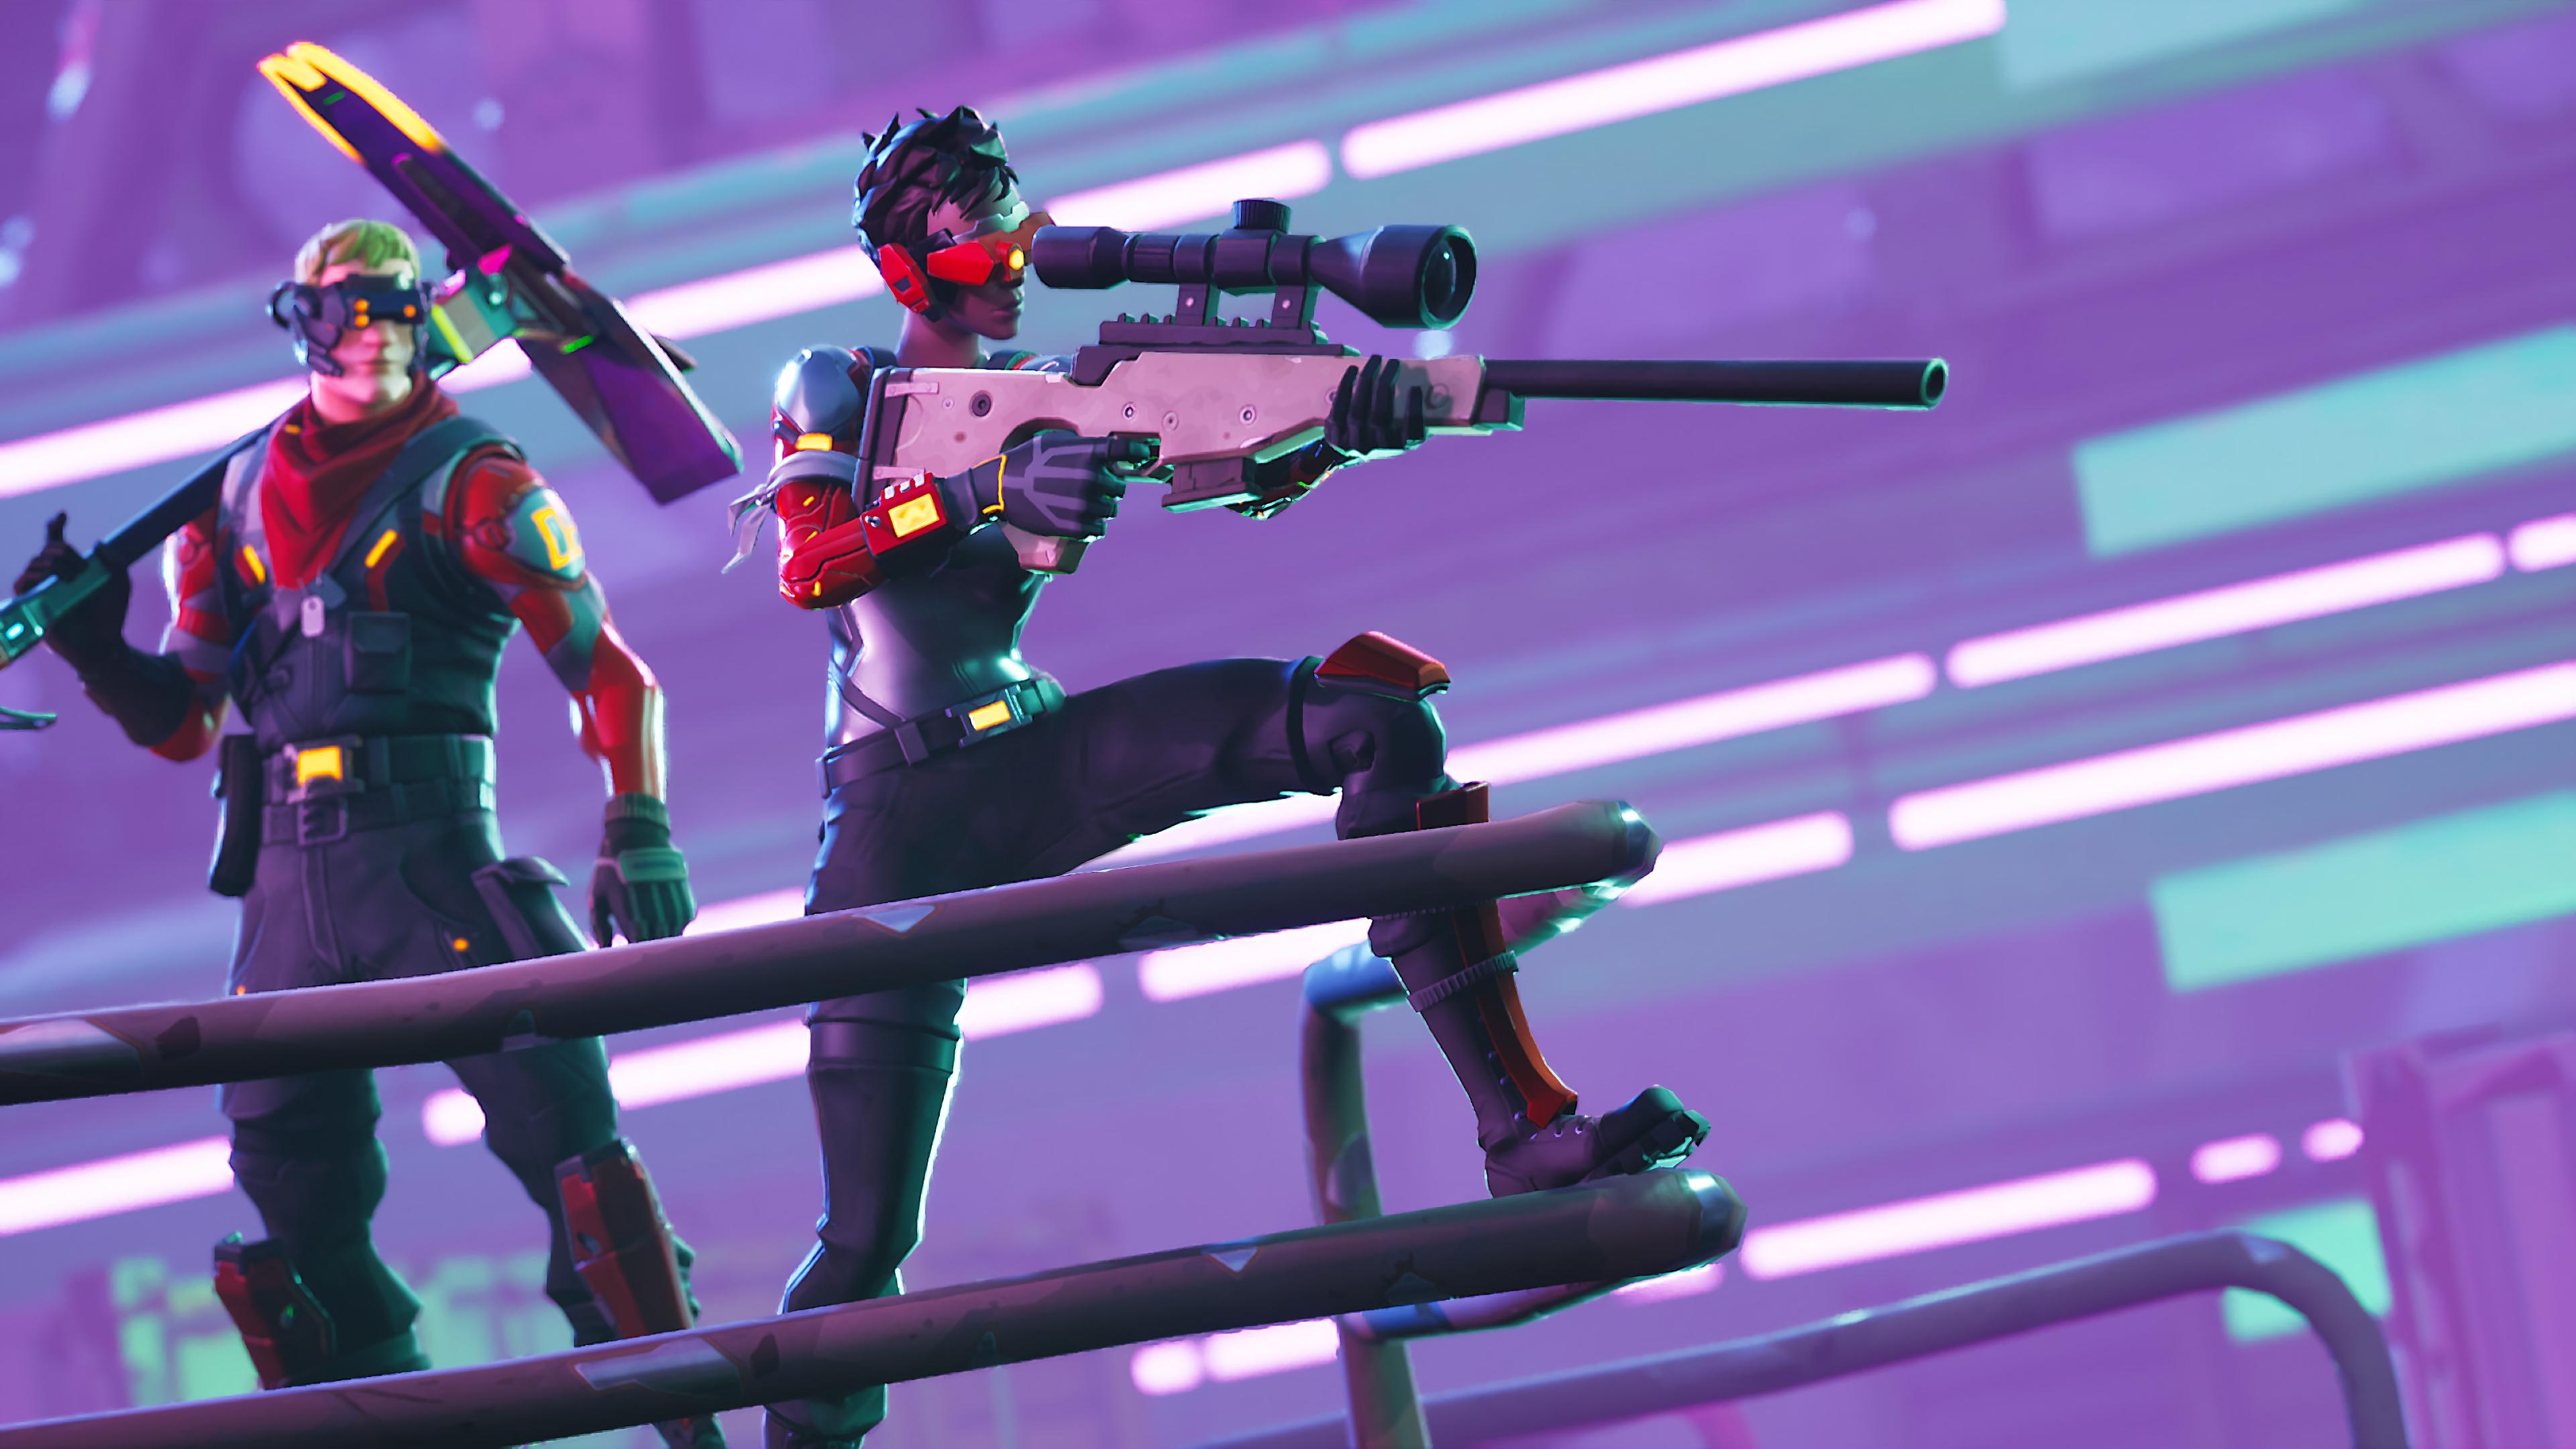 4k fortnite sniper shot 1537691595 - 4k Fortnite Sniper Shot - ps games wallpapers, hd-wallpapers, games wallpapers2018 games wallpapers, games wallpapers, fortnite wallpapers, 4k-wallpapers